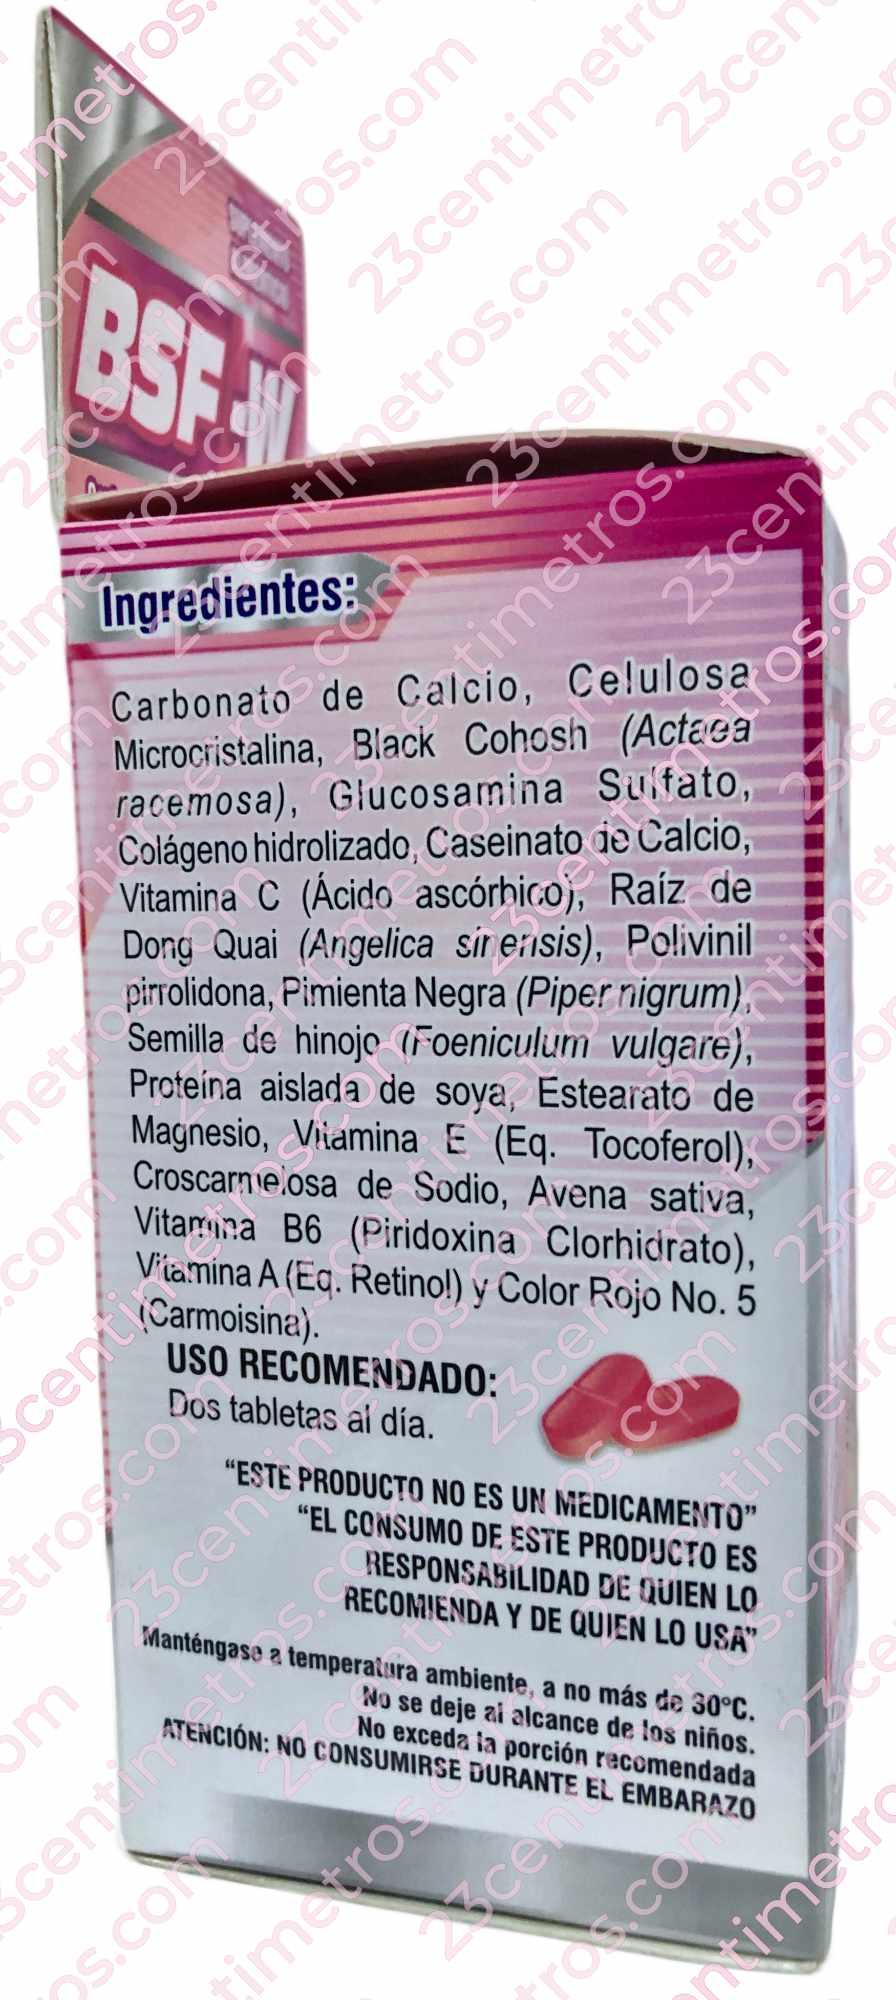 Ingredientes Naturales BSFW Big Size For Women BigSize Para Mujer